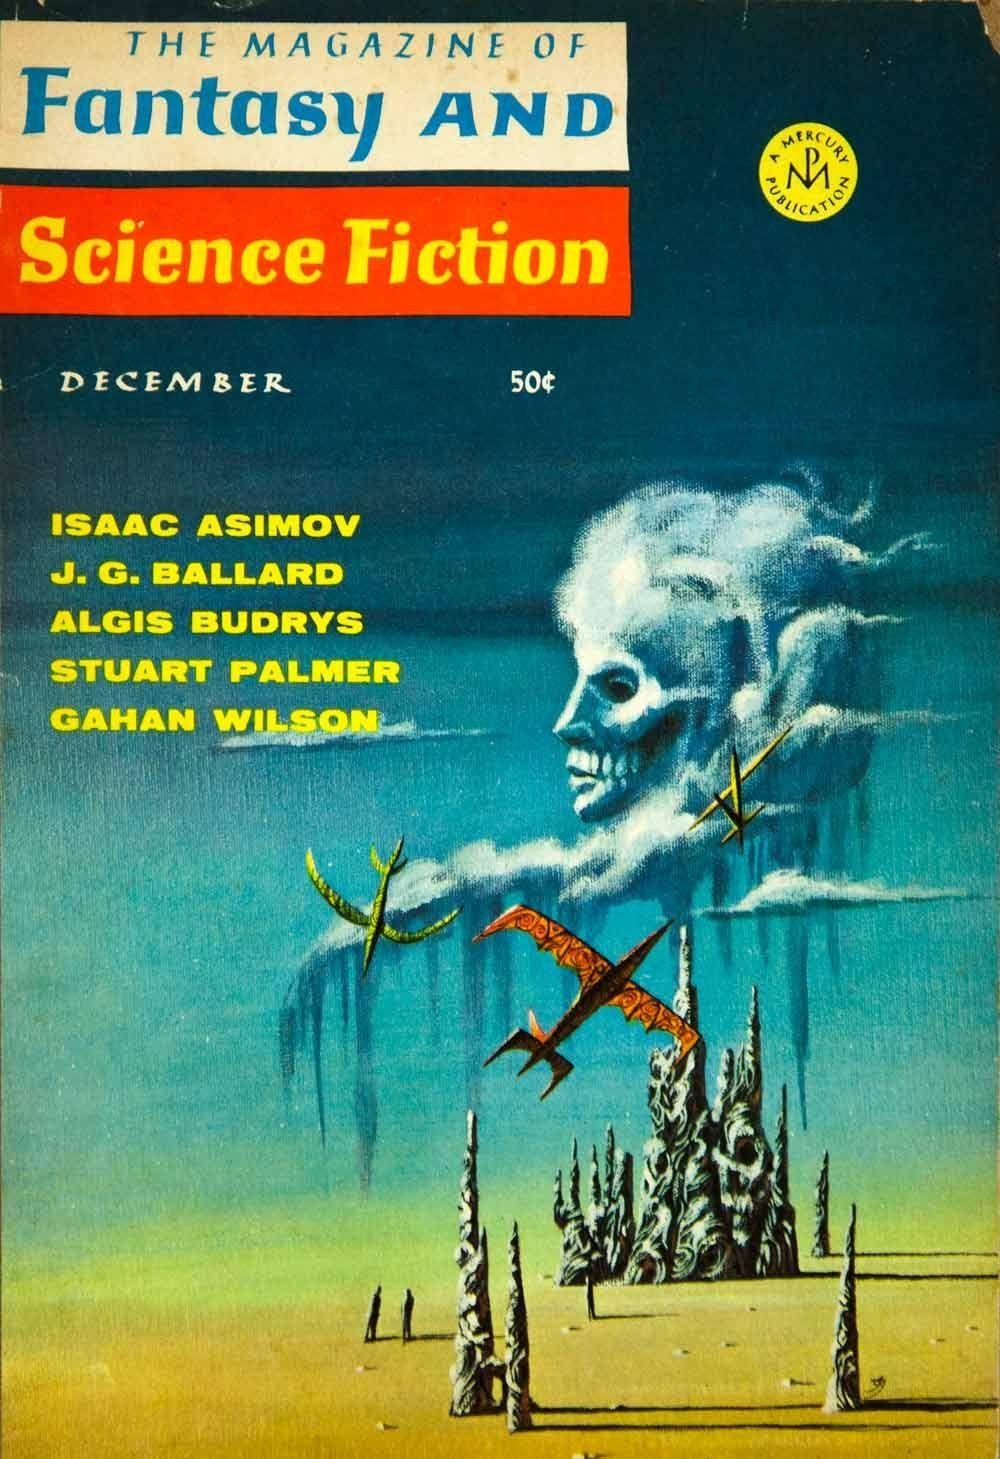 Amazon.com - 1967 Cover Fantasy Science Fiction Art Jack Gaughan Cloud Sculptors JG Ballard - Original Cover - Prints